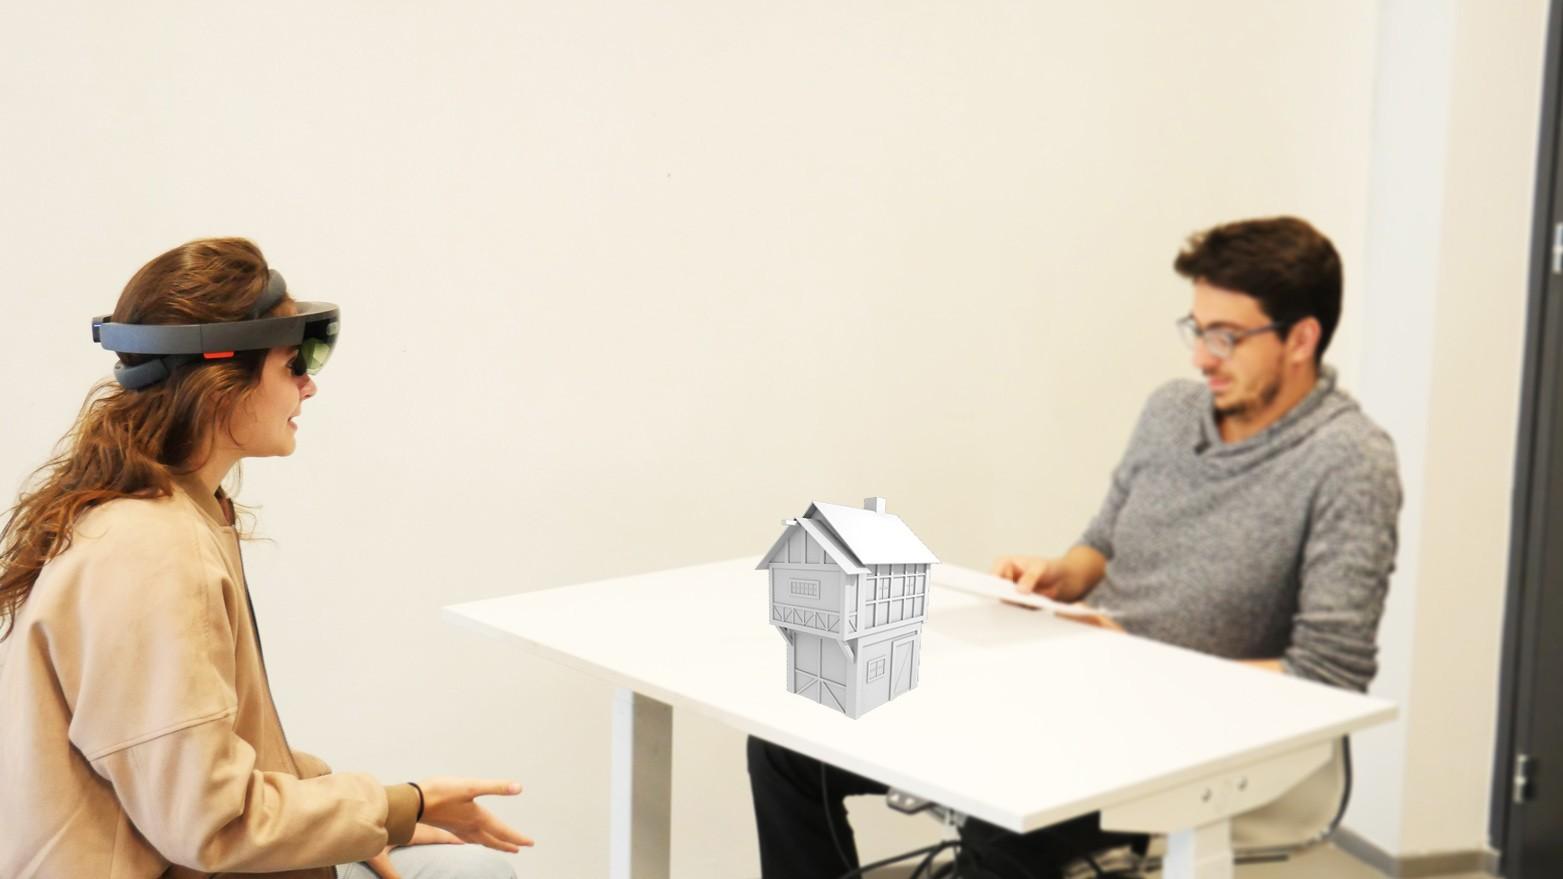 Petite scénette tournée à l'aide d'un casque  de réalité augmentée simulant un objet dans le monde réel.